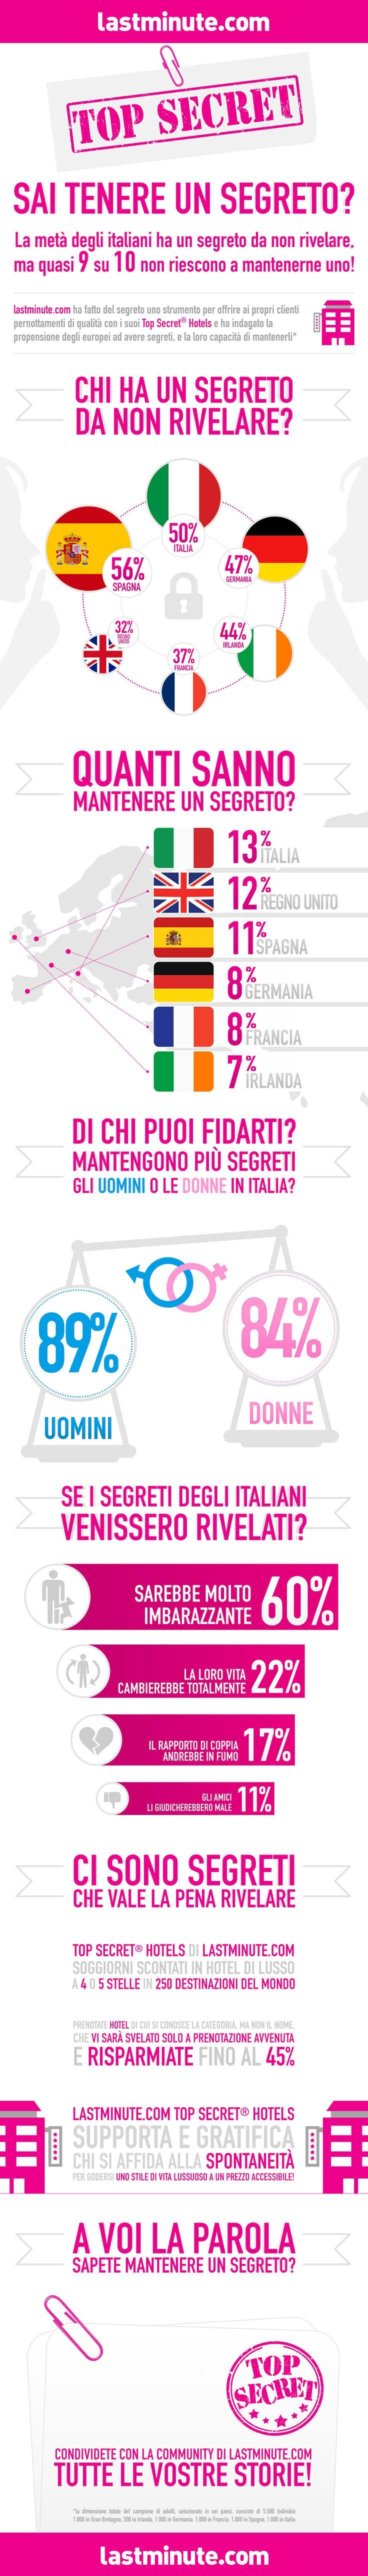 La metà degli italiani ha un segreto da non rivelare, ma quasi 9 su 10 non riescono a mantenerne uno! #topsecret #topsecrethotel #lastminute